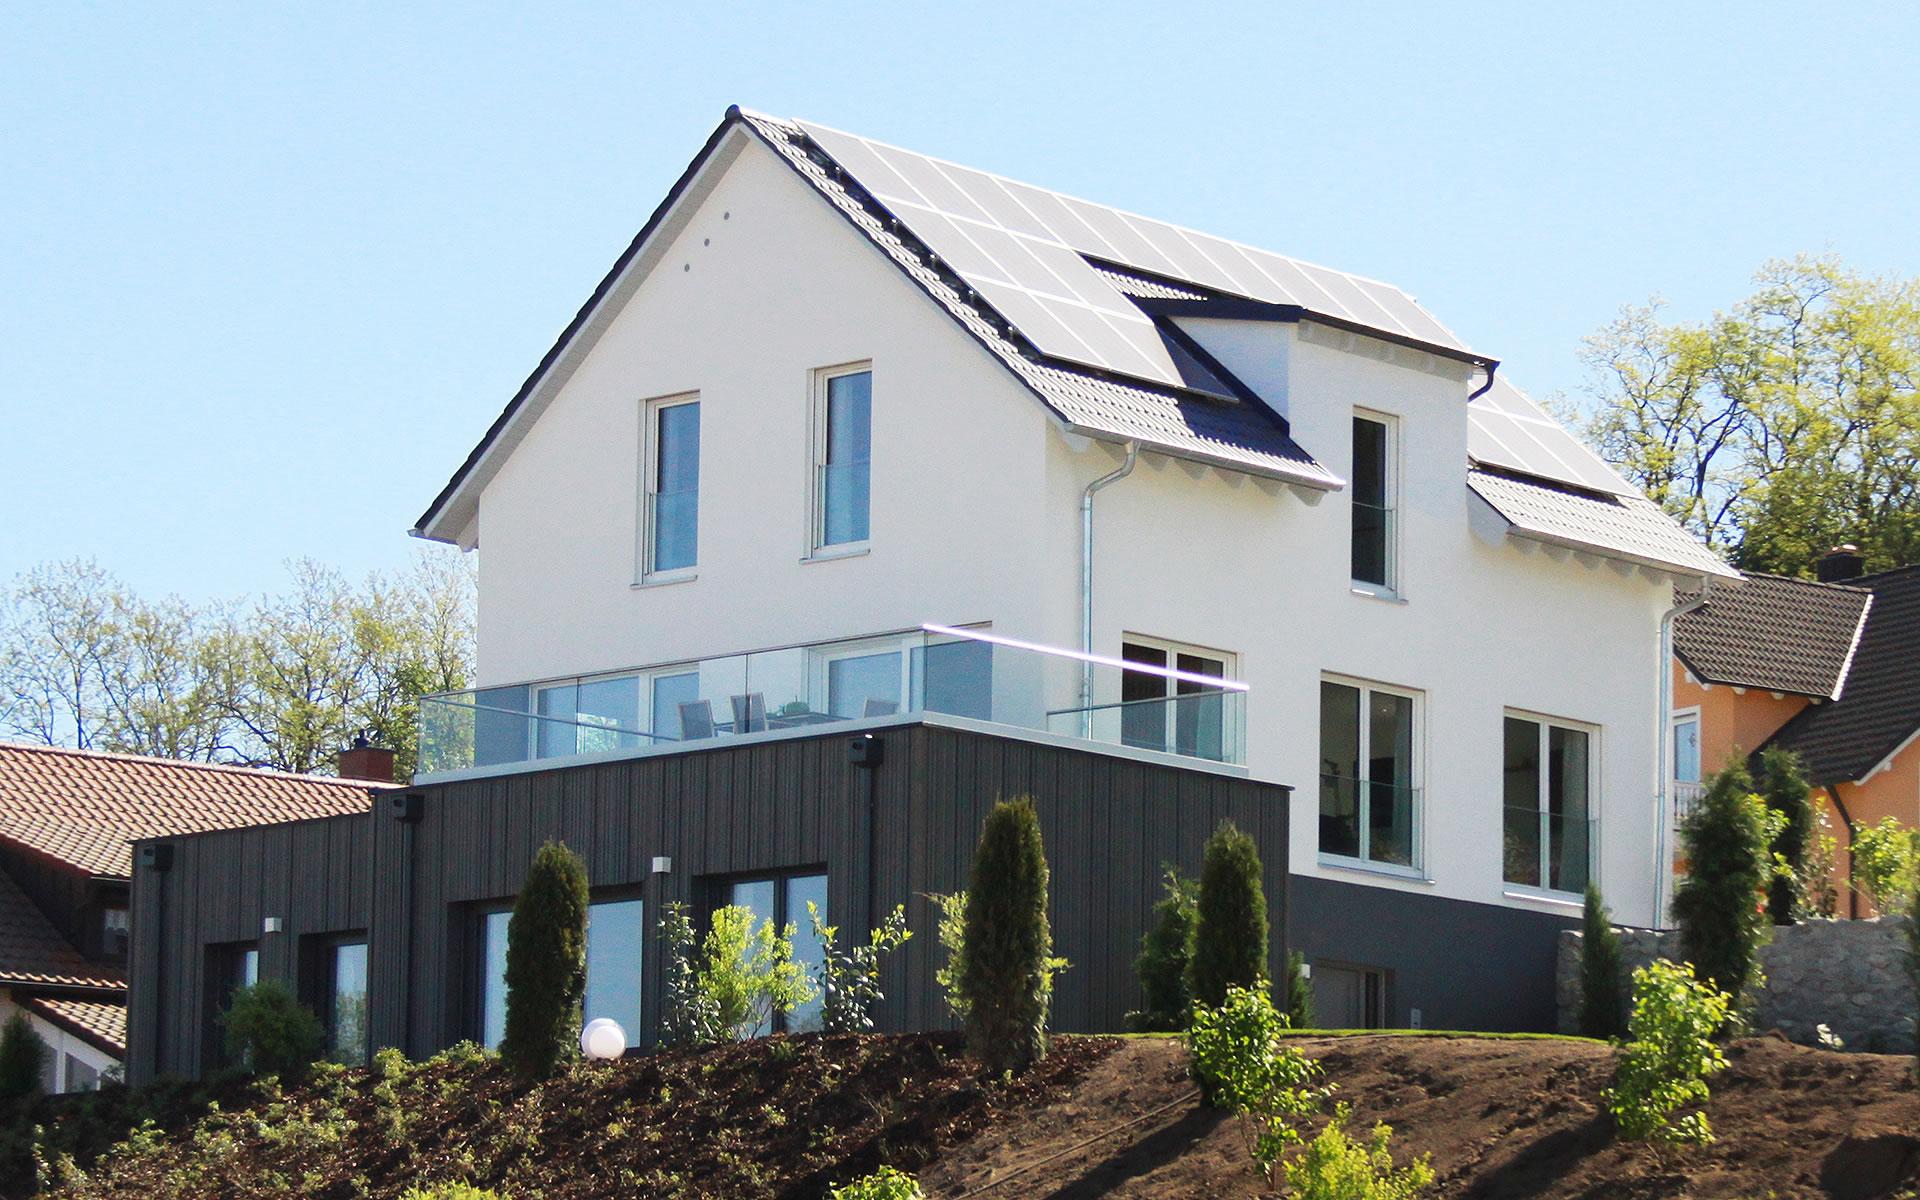 Musterhaus Seegarten von FischerHaus GmbH & Co. KG